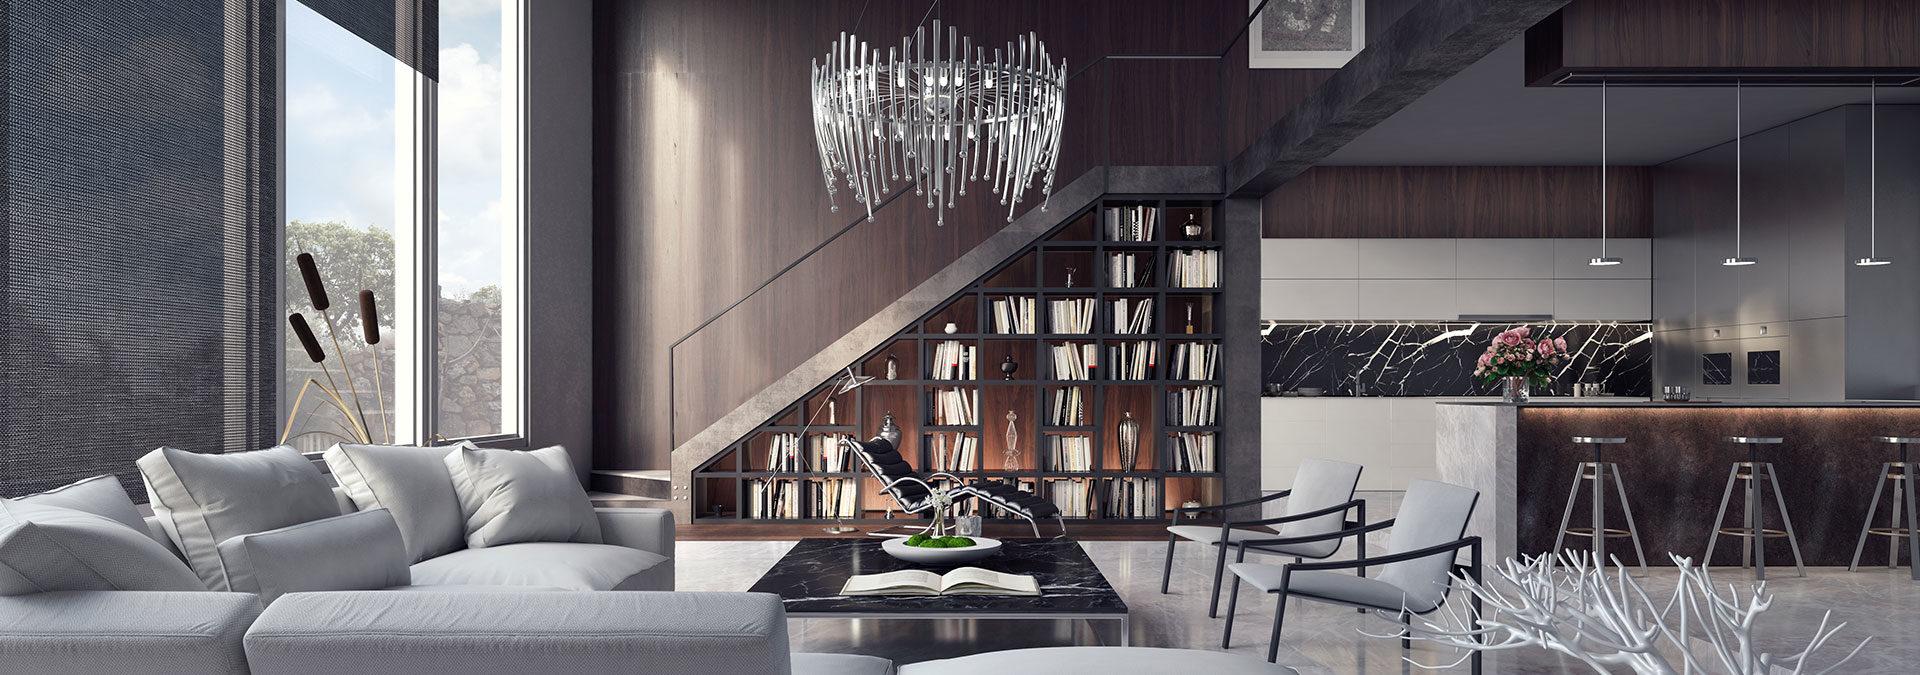 Zeitlos Elegante Einrichtung So Gehts Zuhause Bei Sam